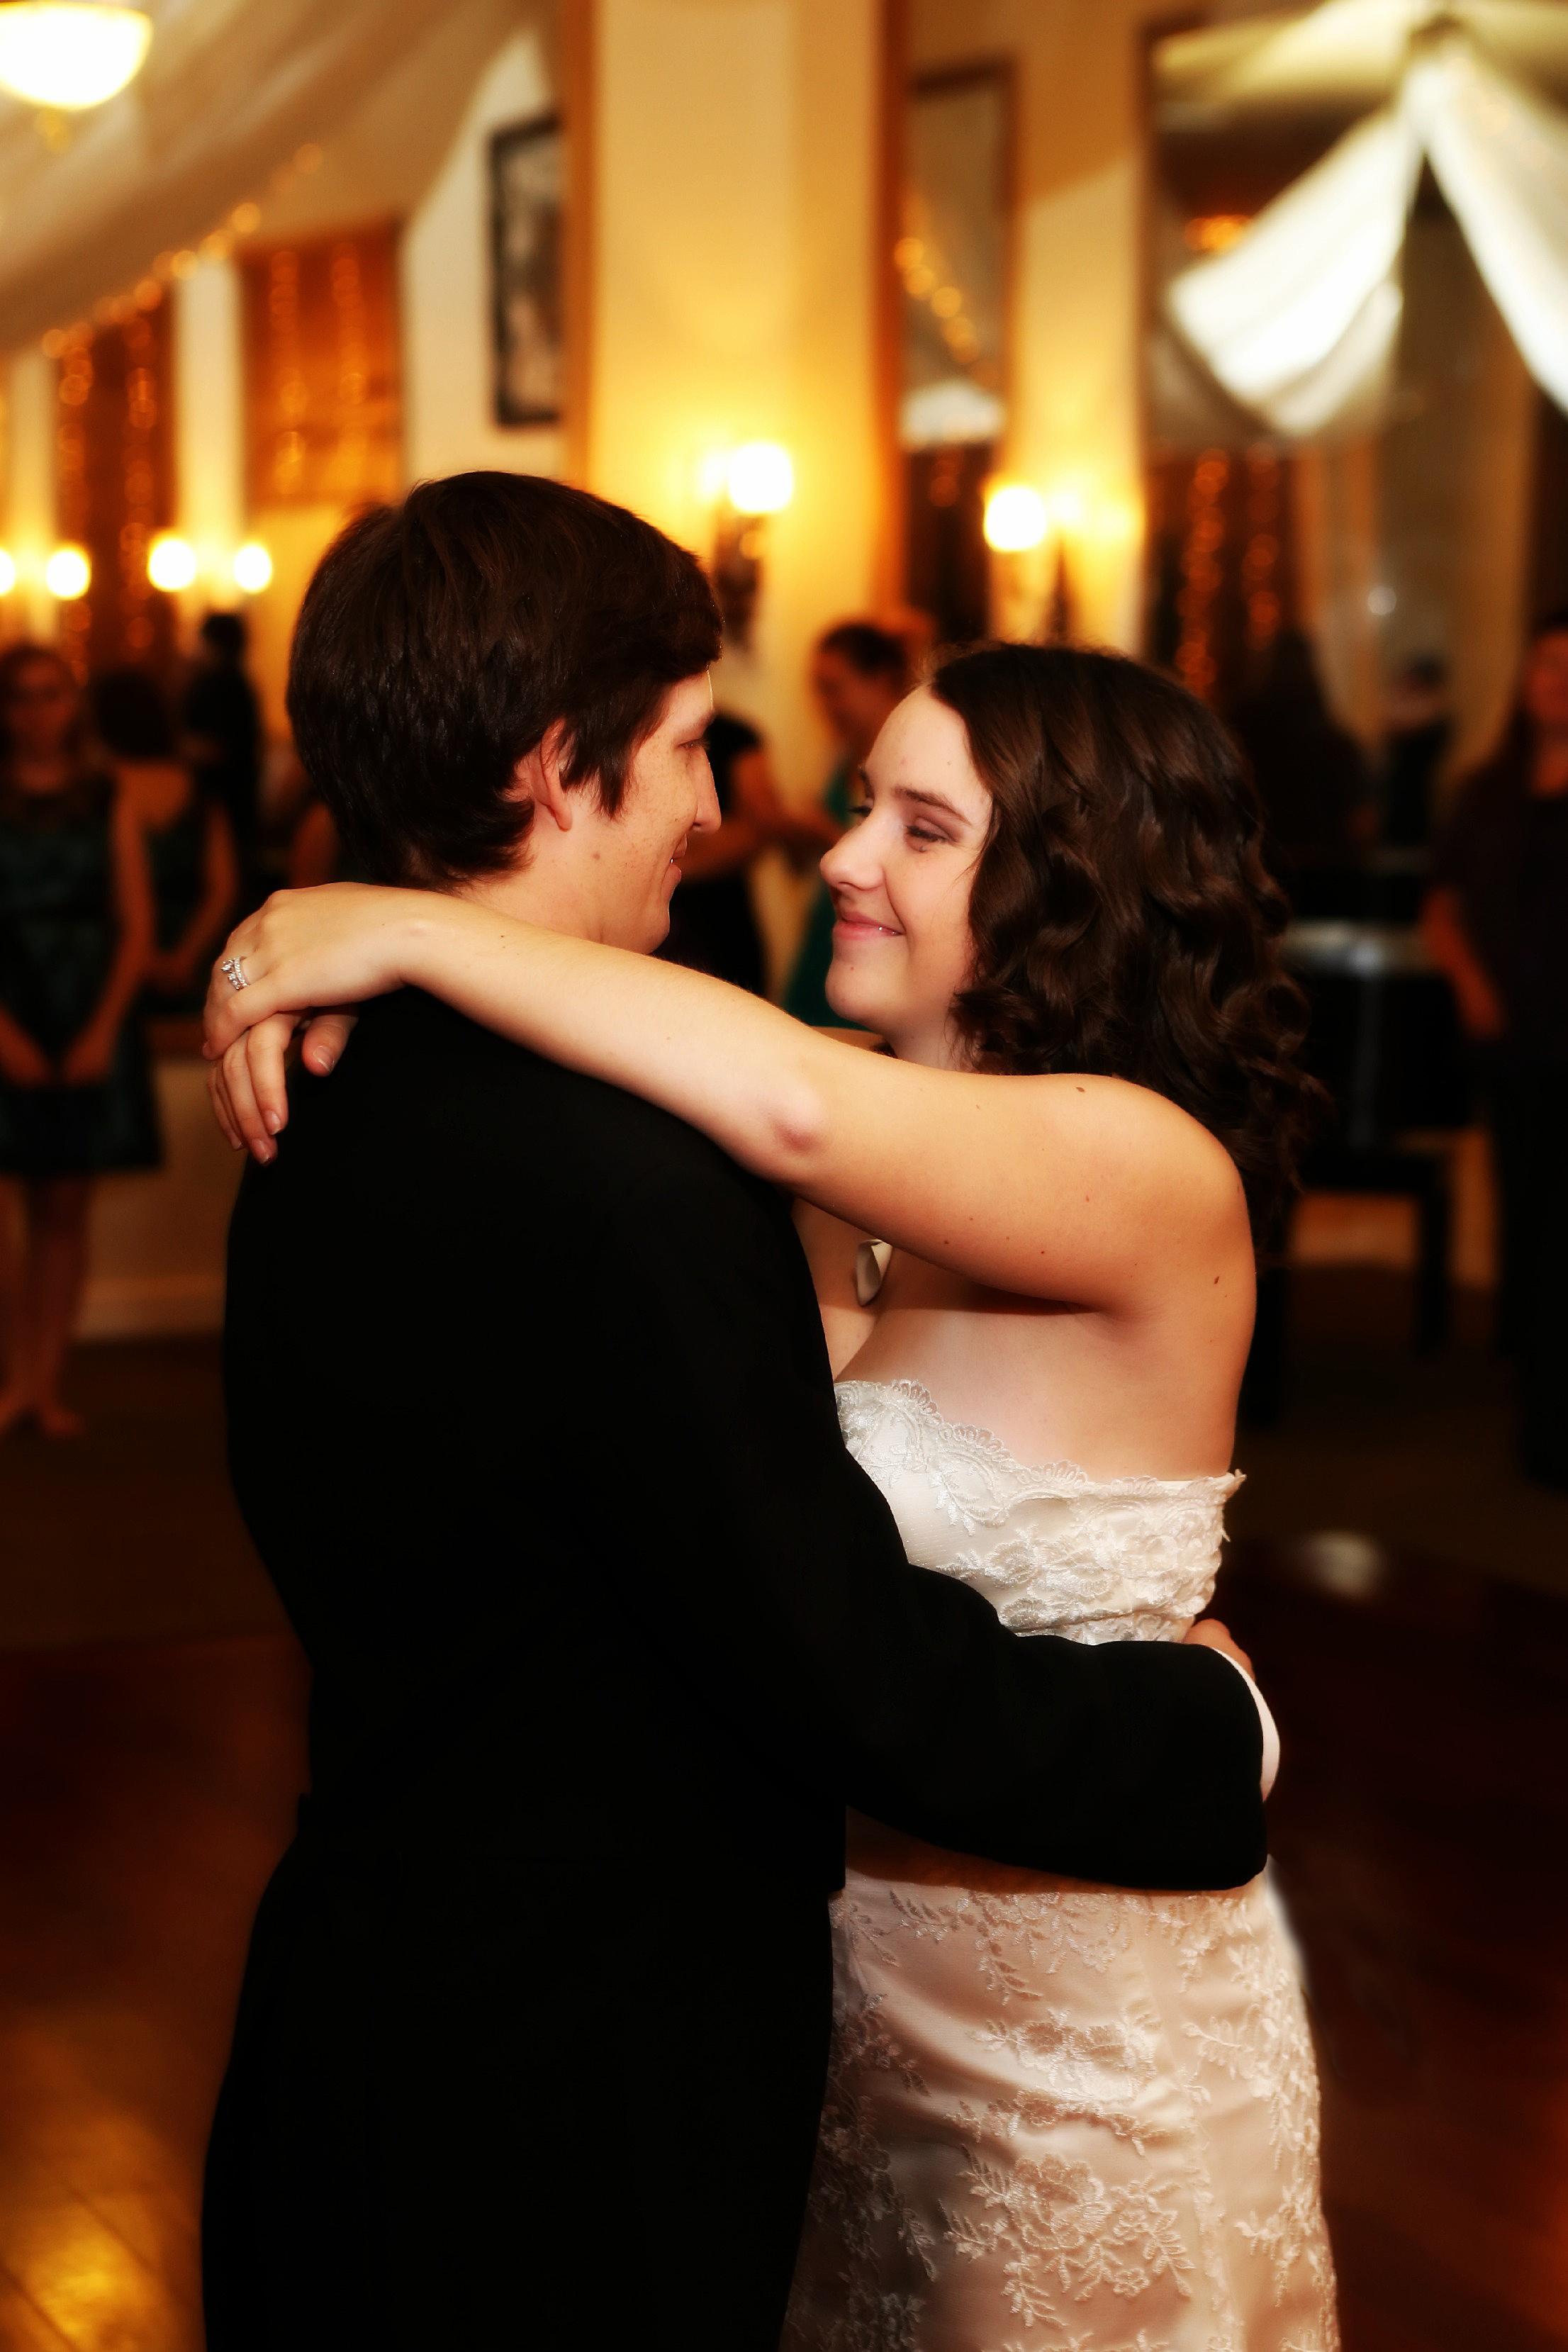 Bountiful candid wedding photography